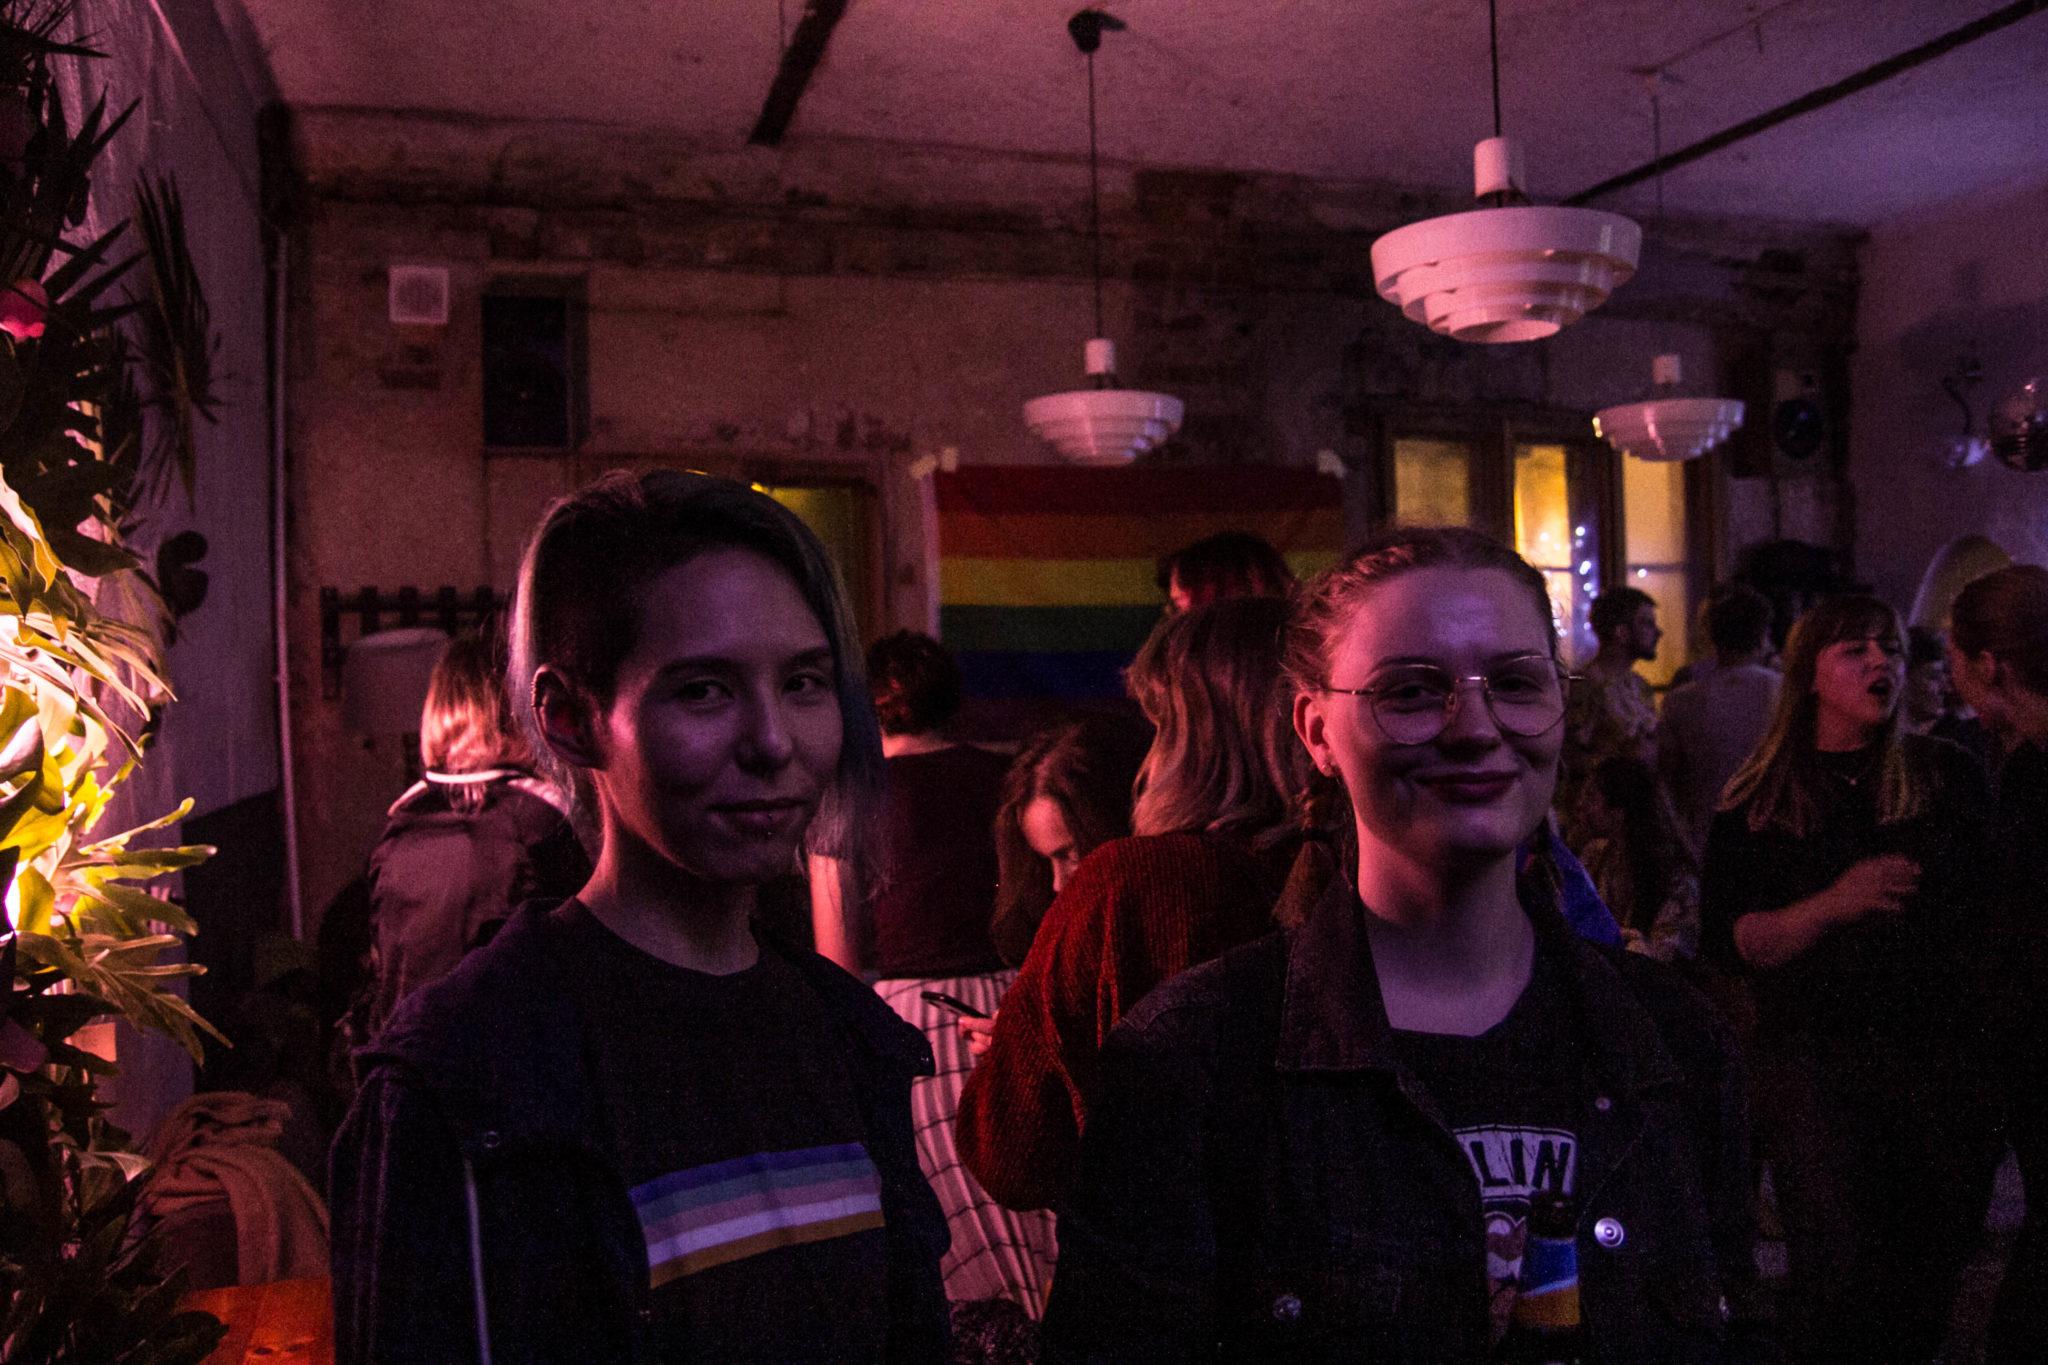 Dwie dziewczyny stojące w klubie